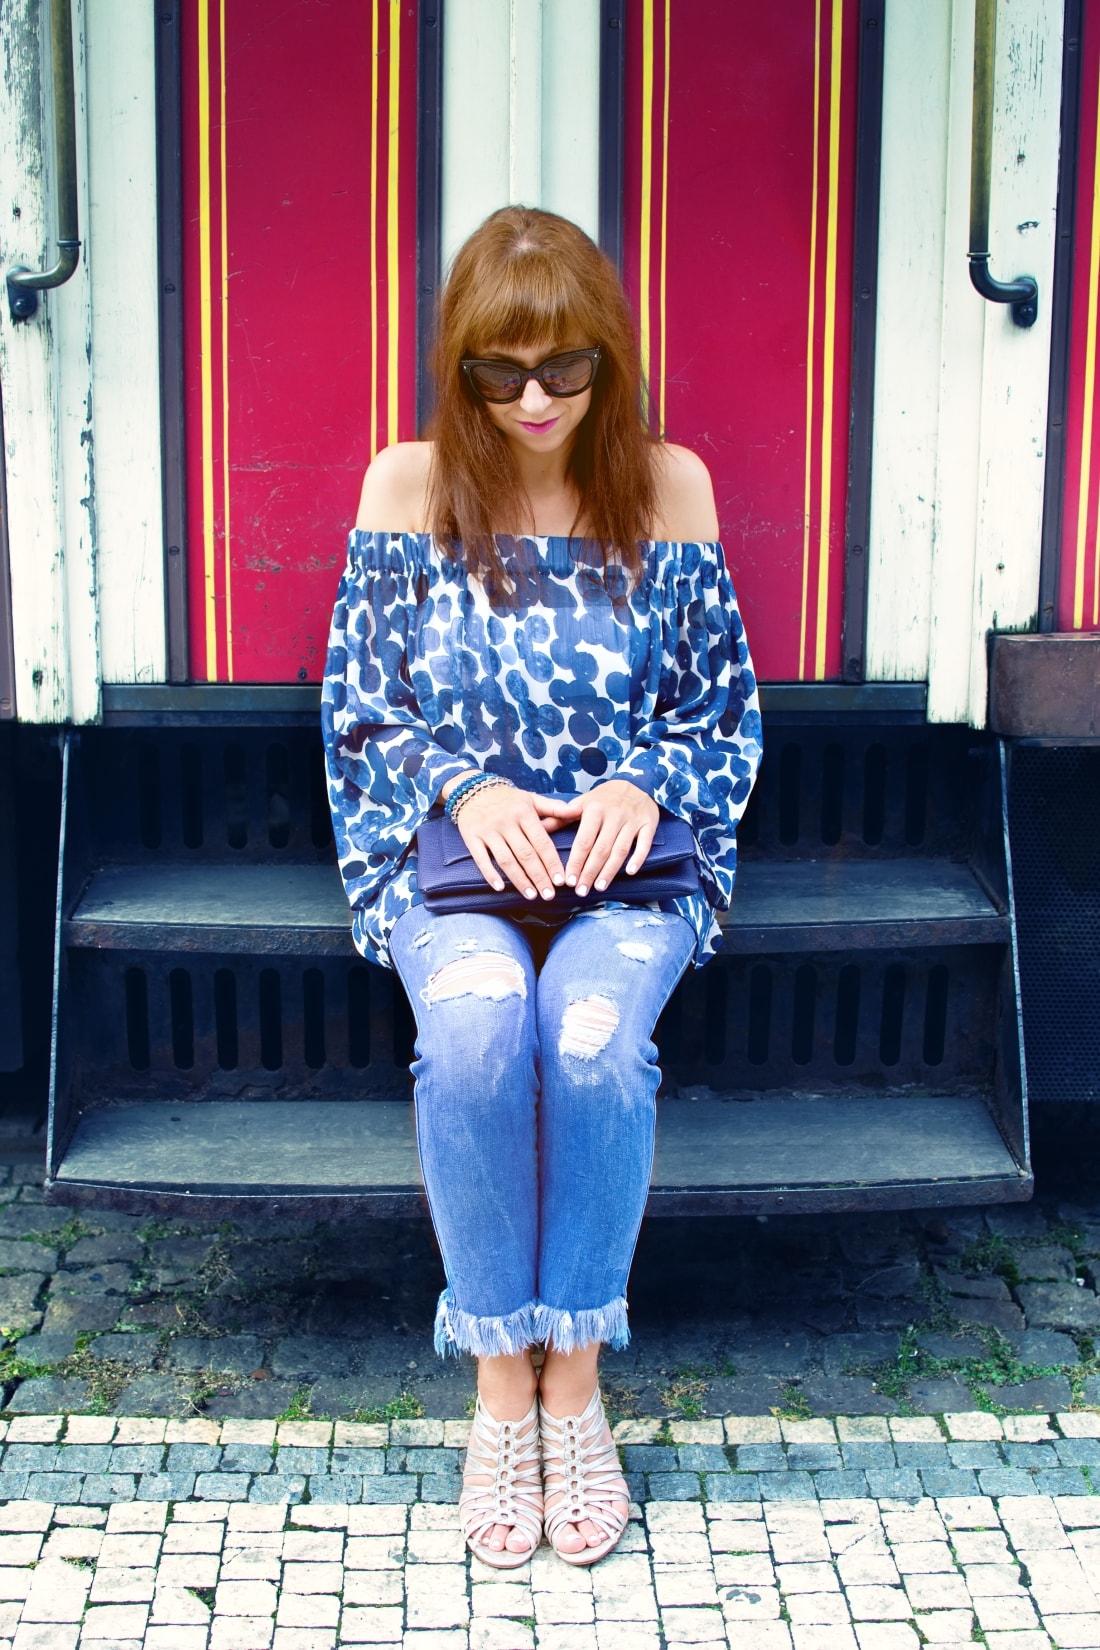 What is your message?_Katharine-fashion is beautiful blog 8_Dots_Bodkovaný top_Strapce_Džínsy zo Zary_Parfois kabelka_Katarína Jakubčová_Fashion blogger